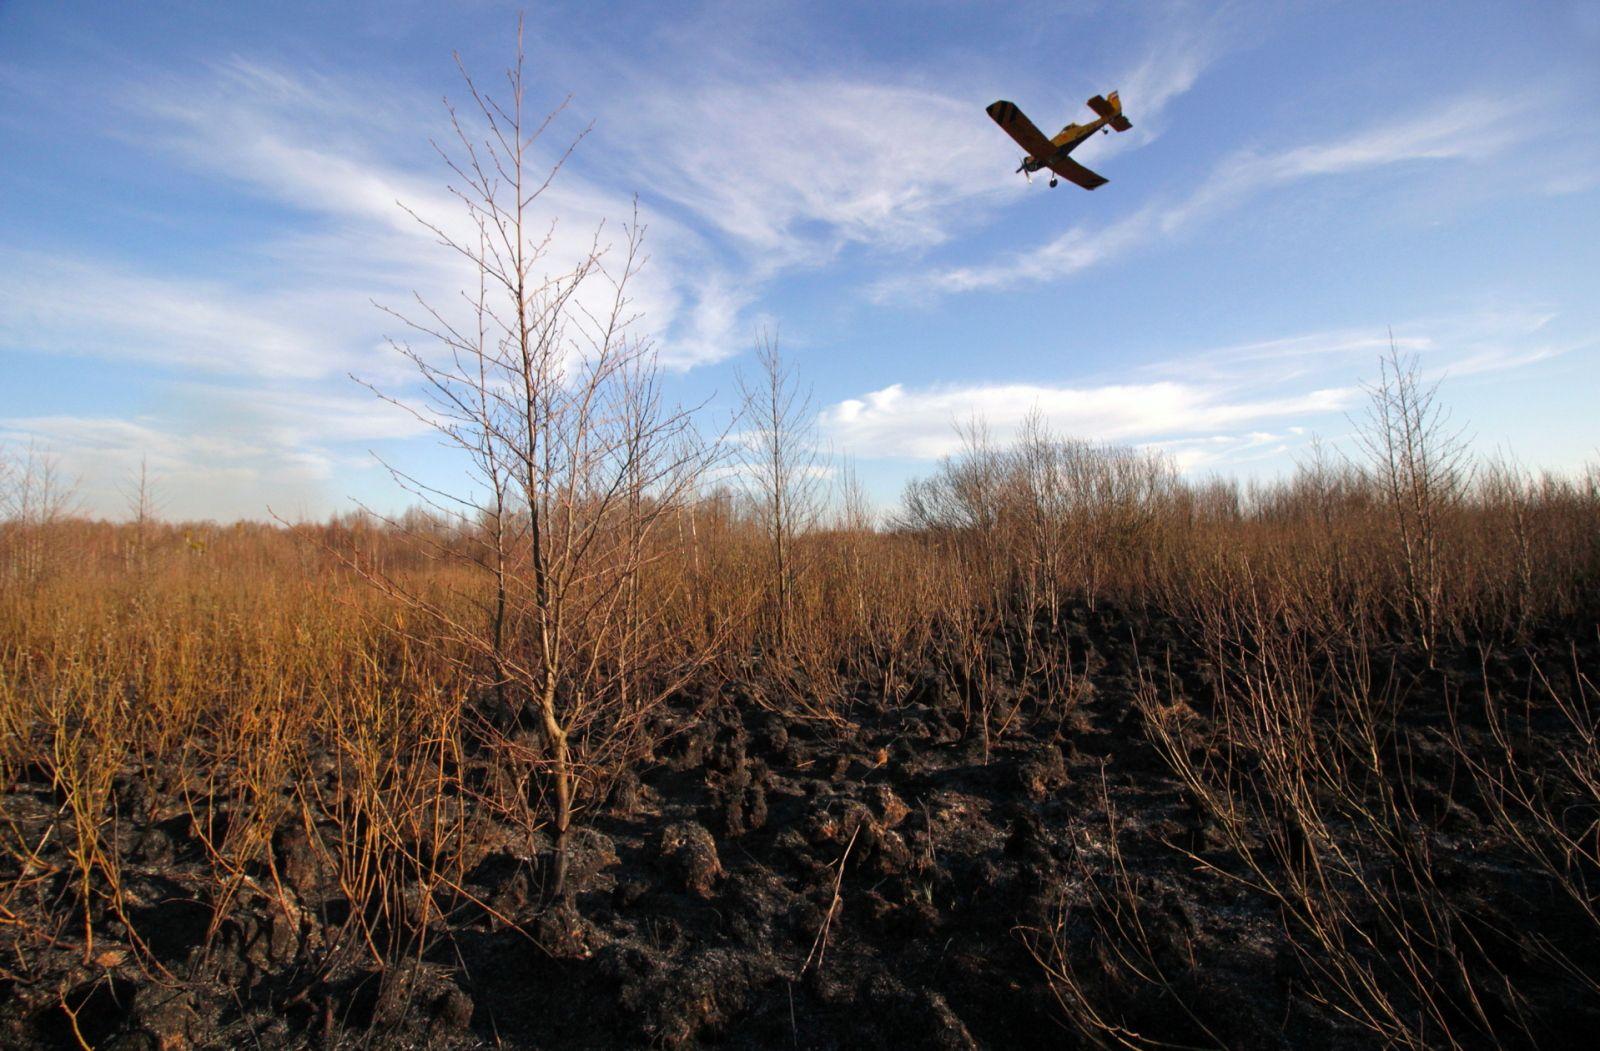 Akcja gaśnicza w Biebrzańskim Parku Narodowym dobiegła końca!